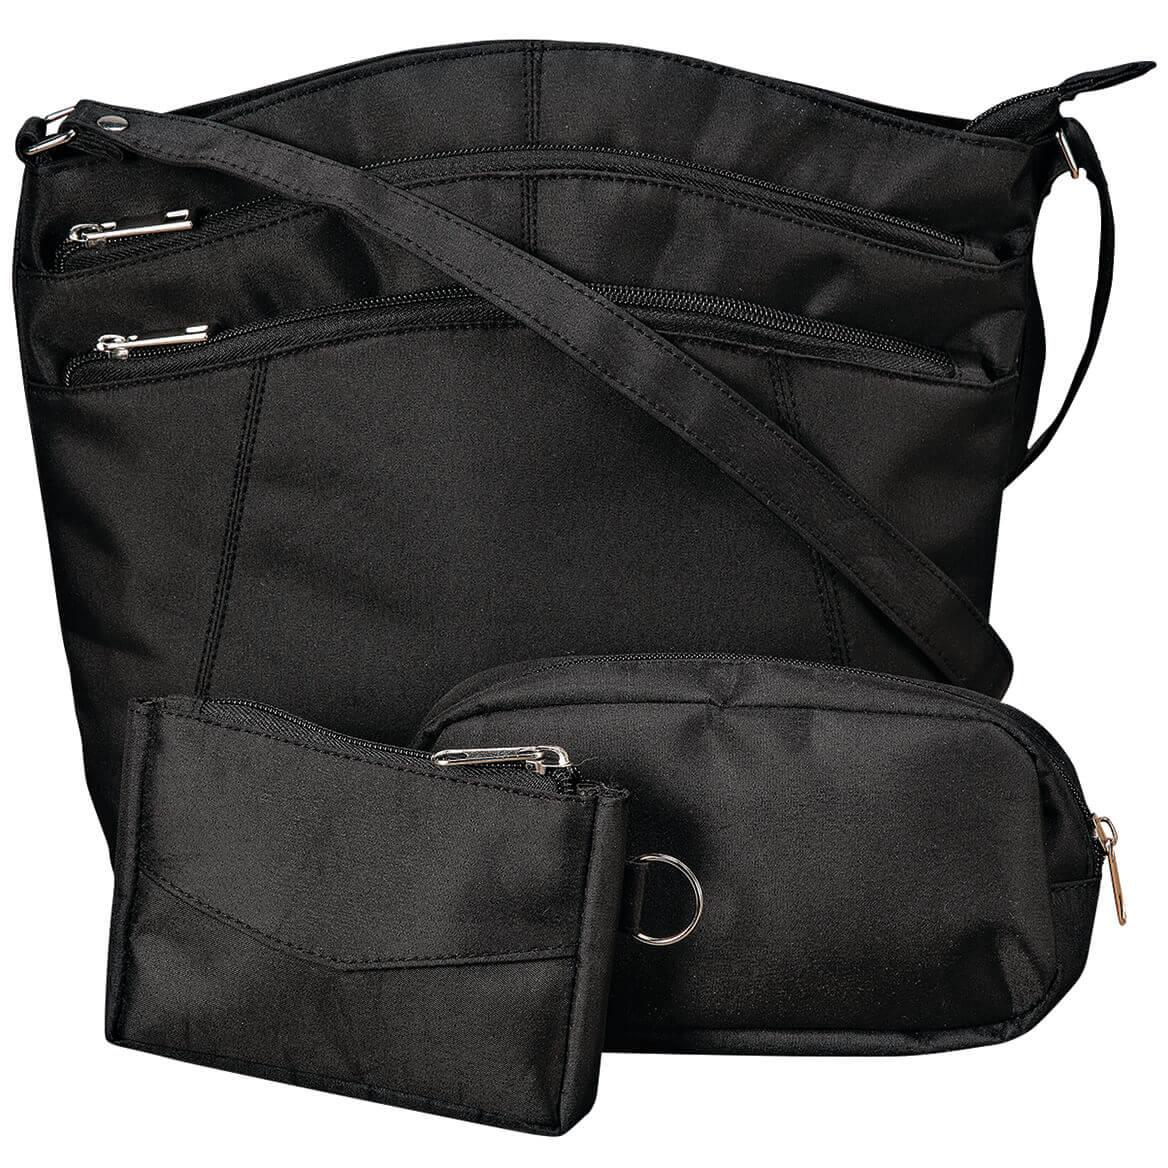 Sophia Microfiber 3 Pc Handbag Set-368467